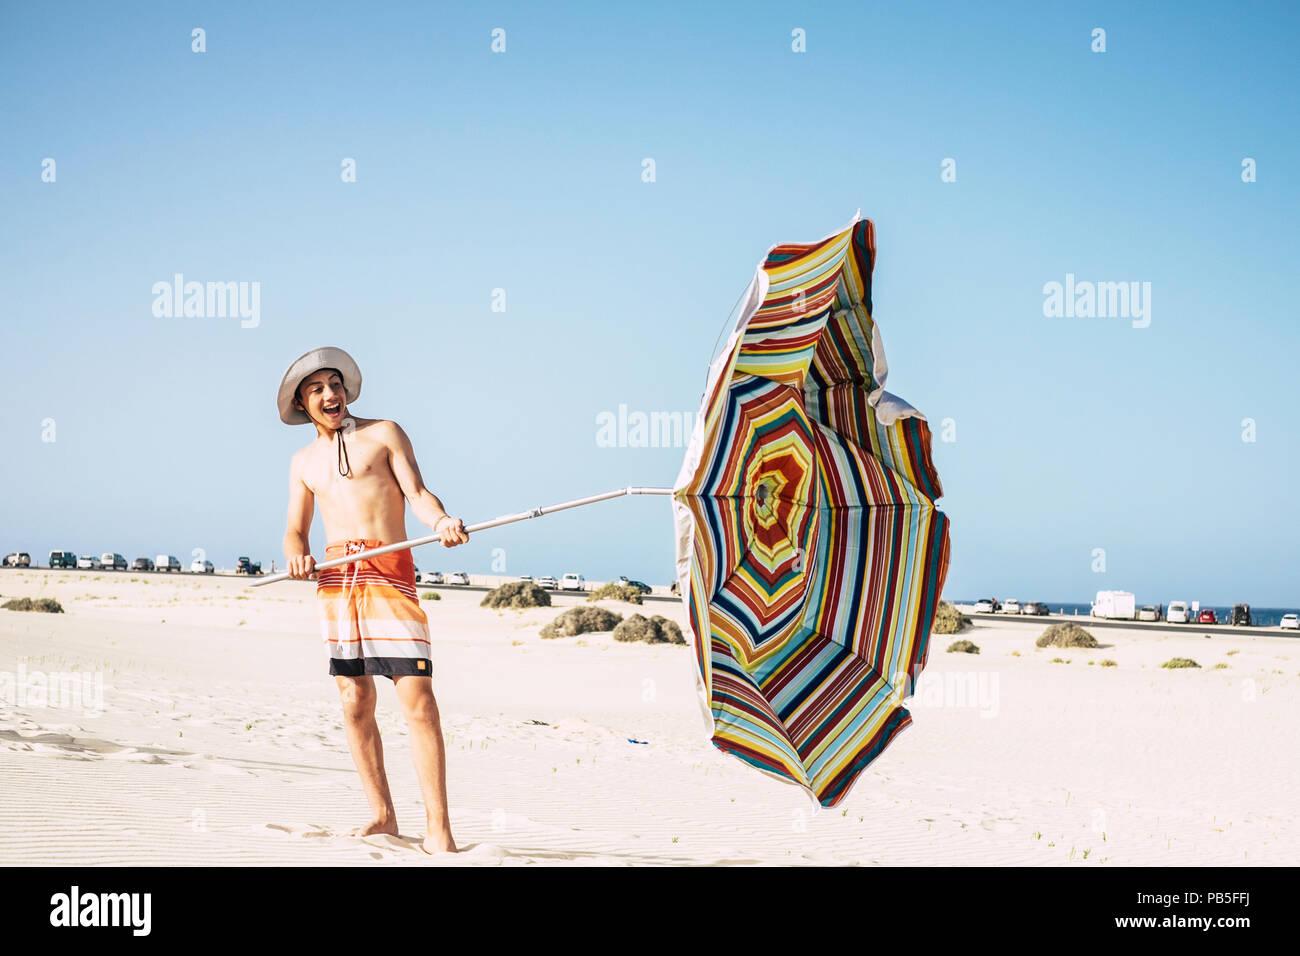 Giovane maschio adolescente caucasica giocare con ombrello sole e vento in un paradiso di sabbia spiaggia. Il sorriso e divertirsi godendosi la vacanza e il clima caldo Immagini Stock